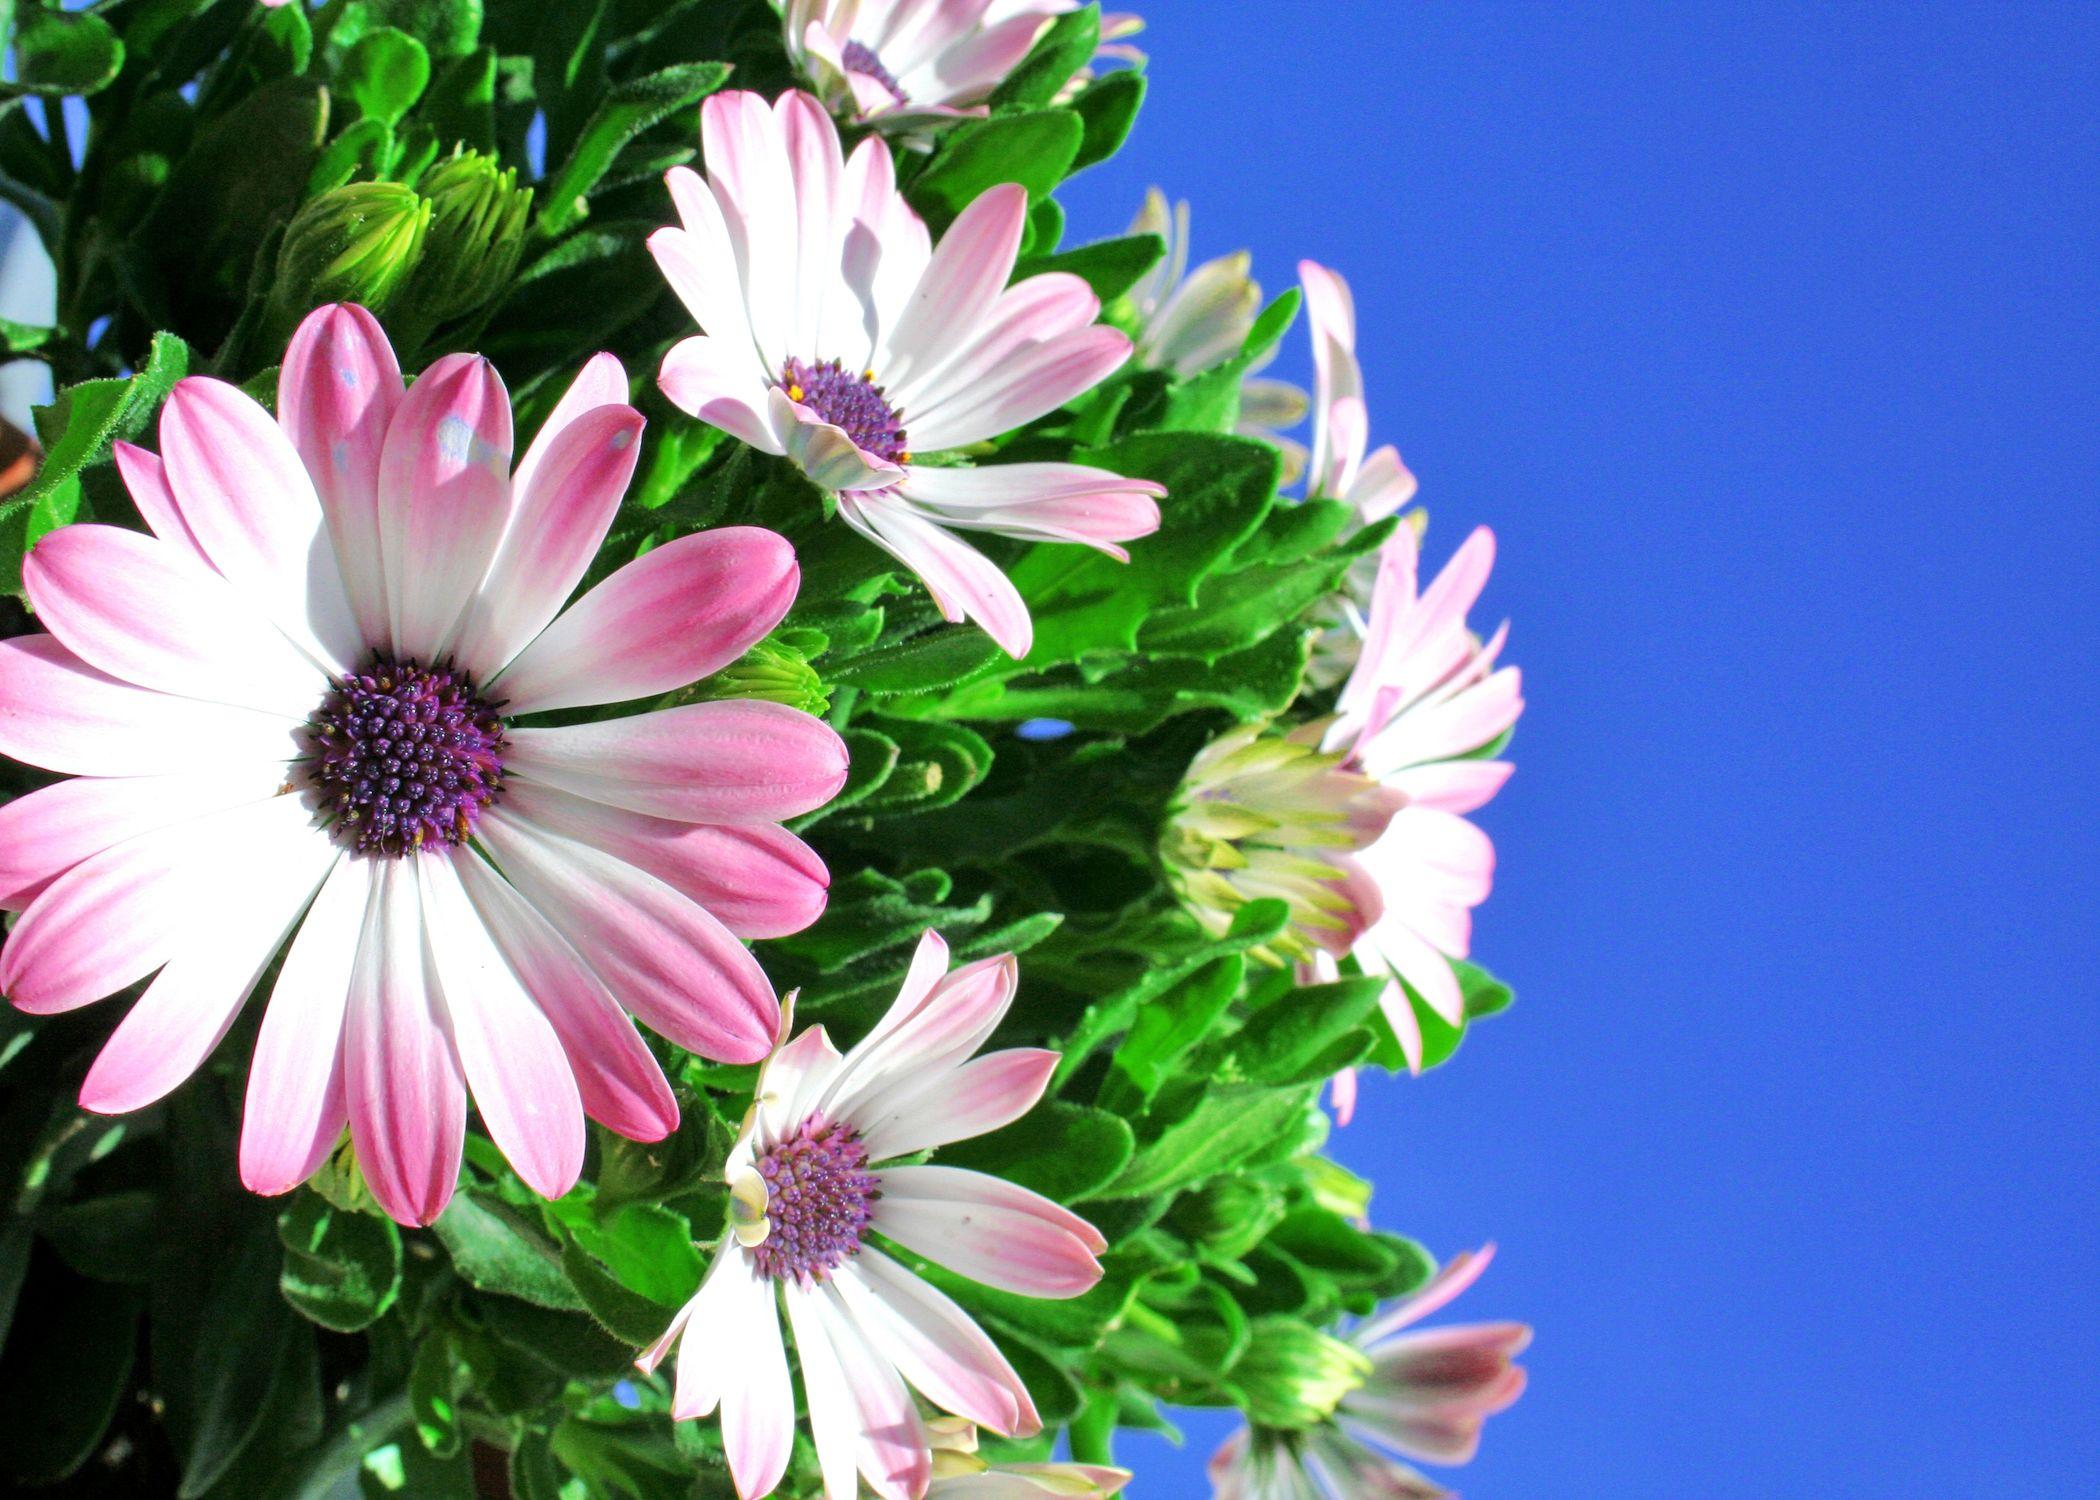 Bild mit Farben, Natur, Pflanzen, Himmel, Jahreszeiten, Blumen, Rosa, Lila, Frühling, Korbblütler